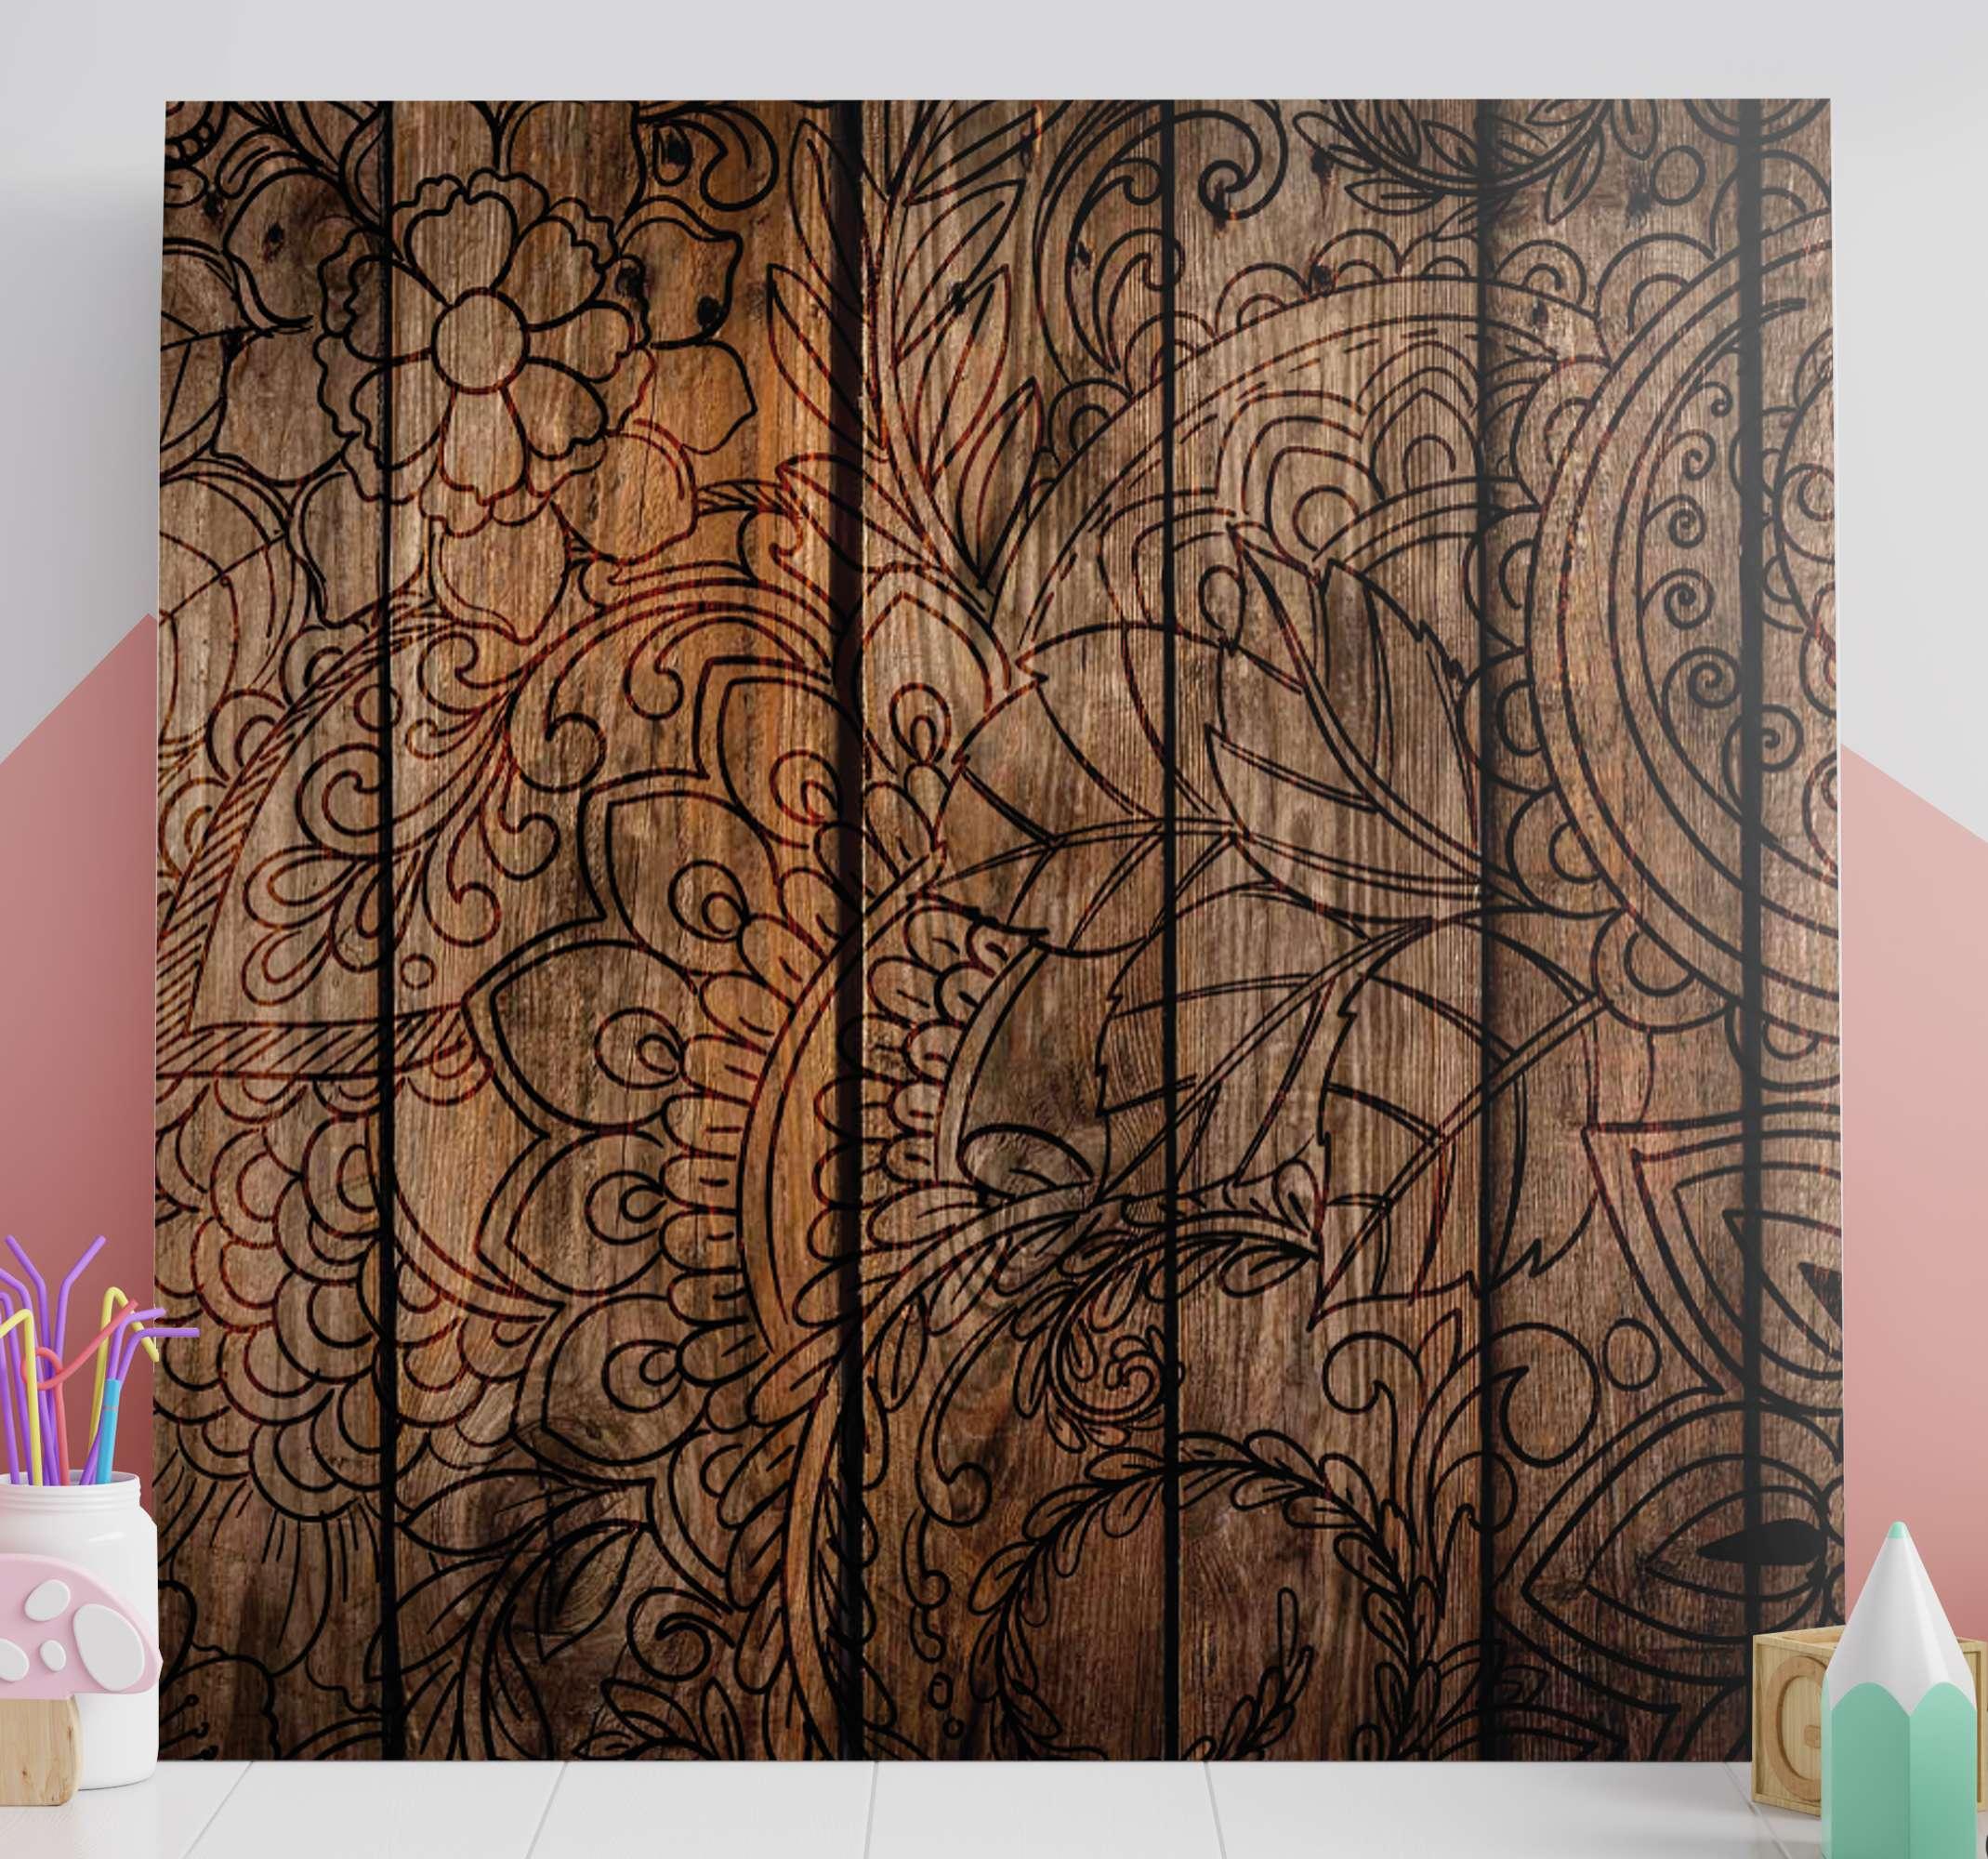 TenStickers. 木效果曼陀罗打印墙艺术. 曼陀罗帆布艺术,在木质效果背景上具有美丽的曼陀罗图案。提供折扣。高质量。